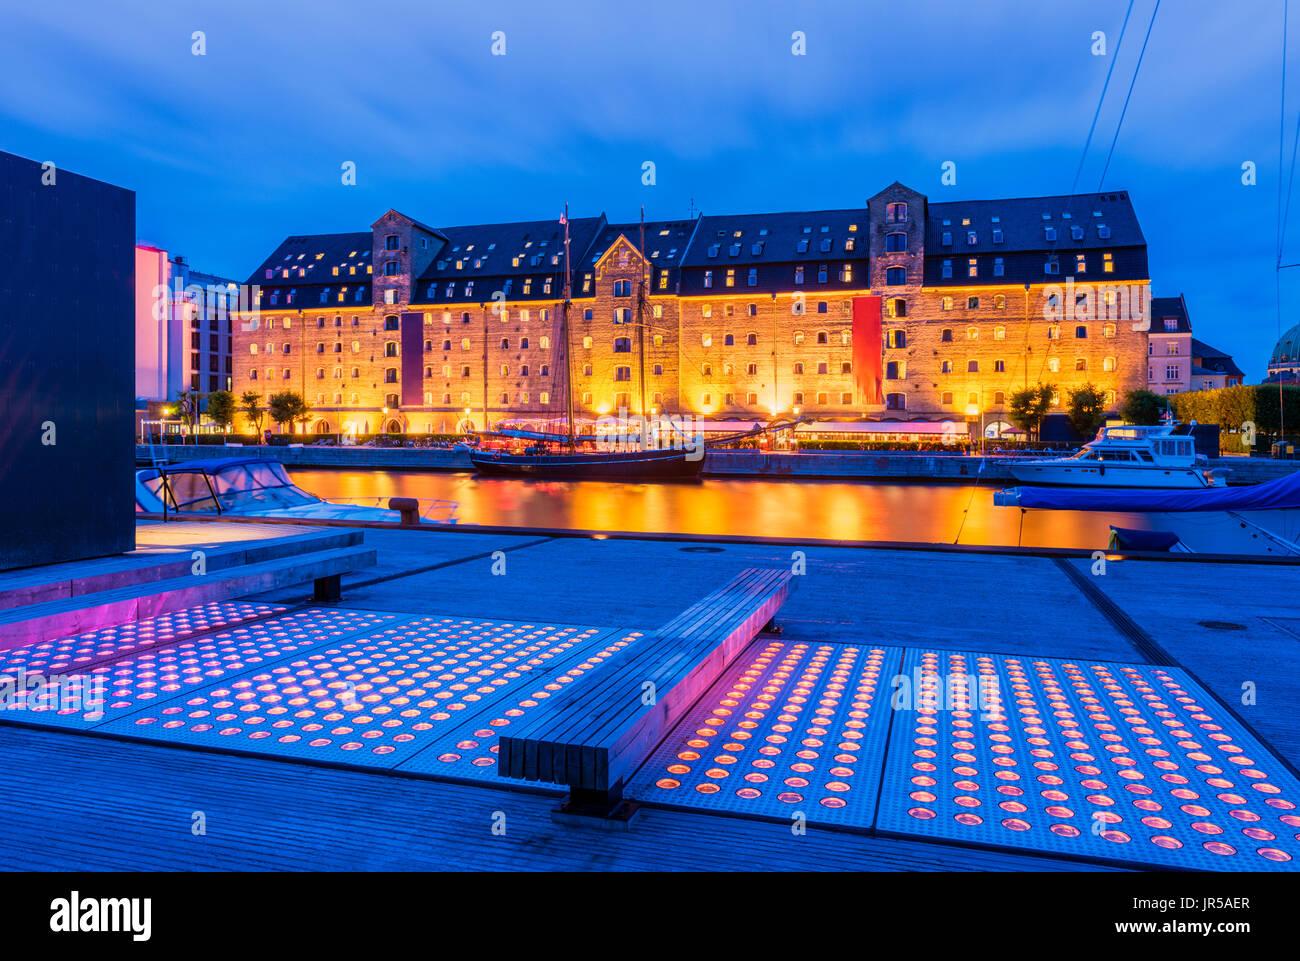 Vecchia banchina con gli elementi moderni nel quartiere centrale di Copenhagen DANIMARCA Immagini Stock